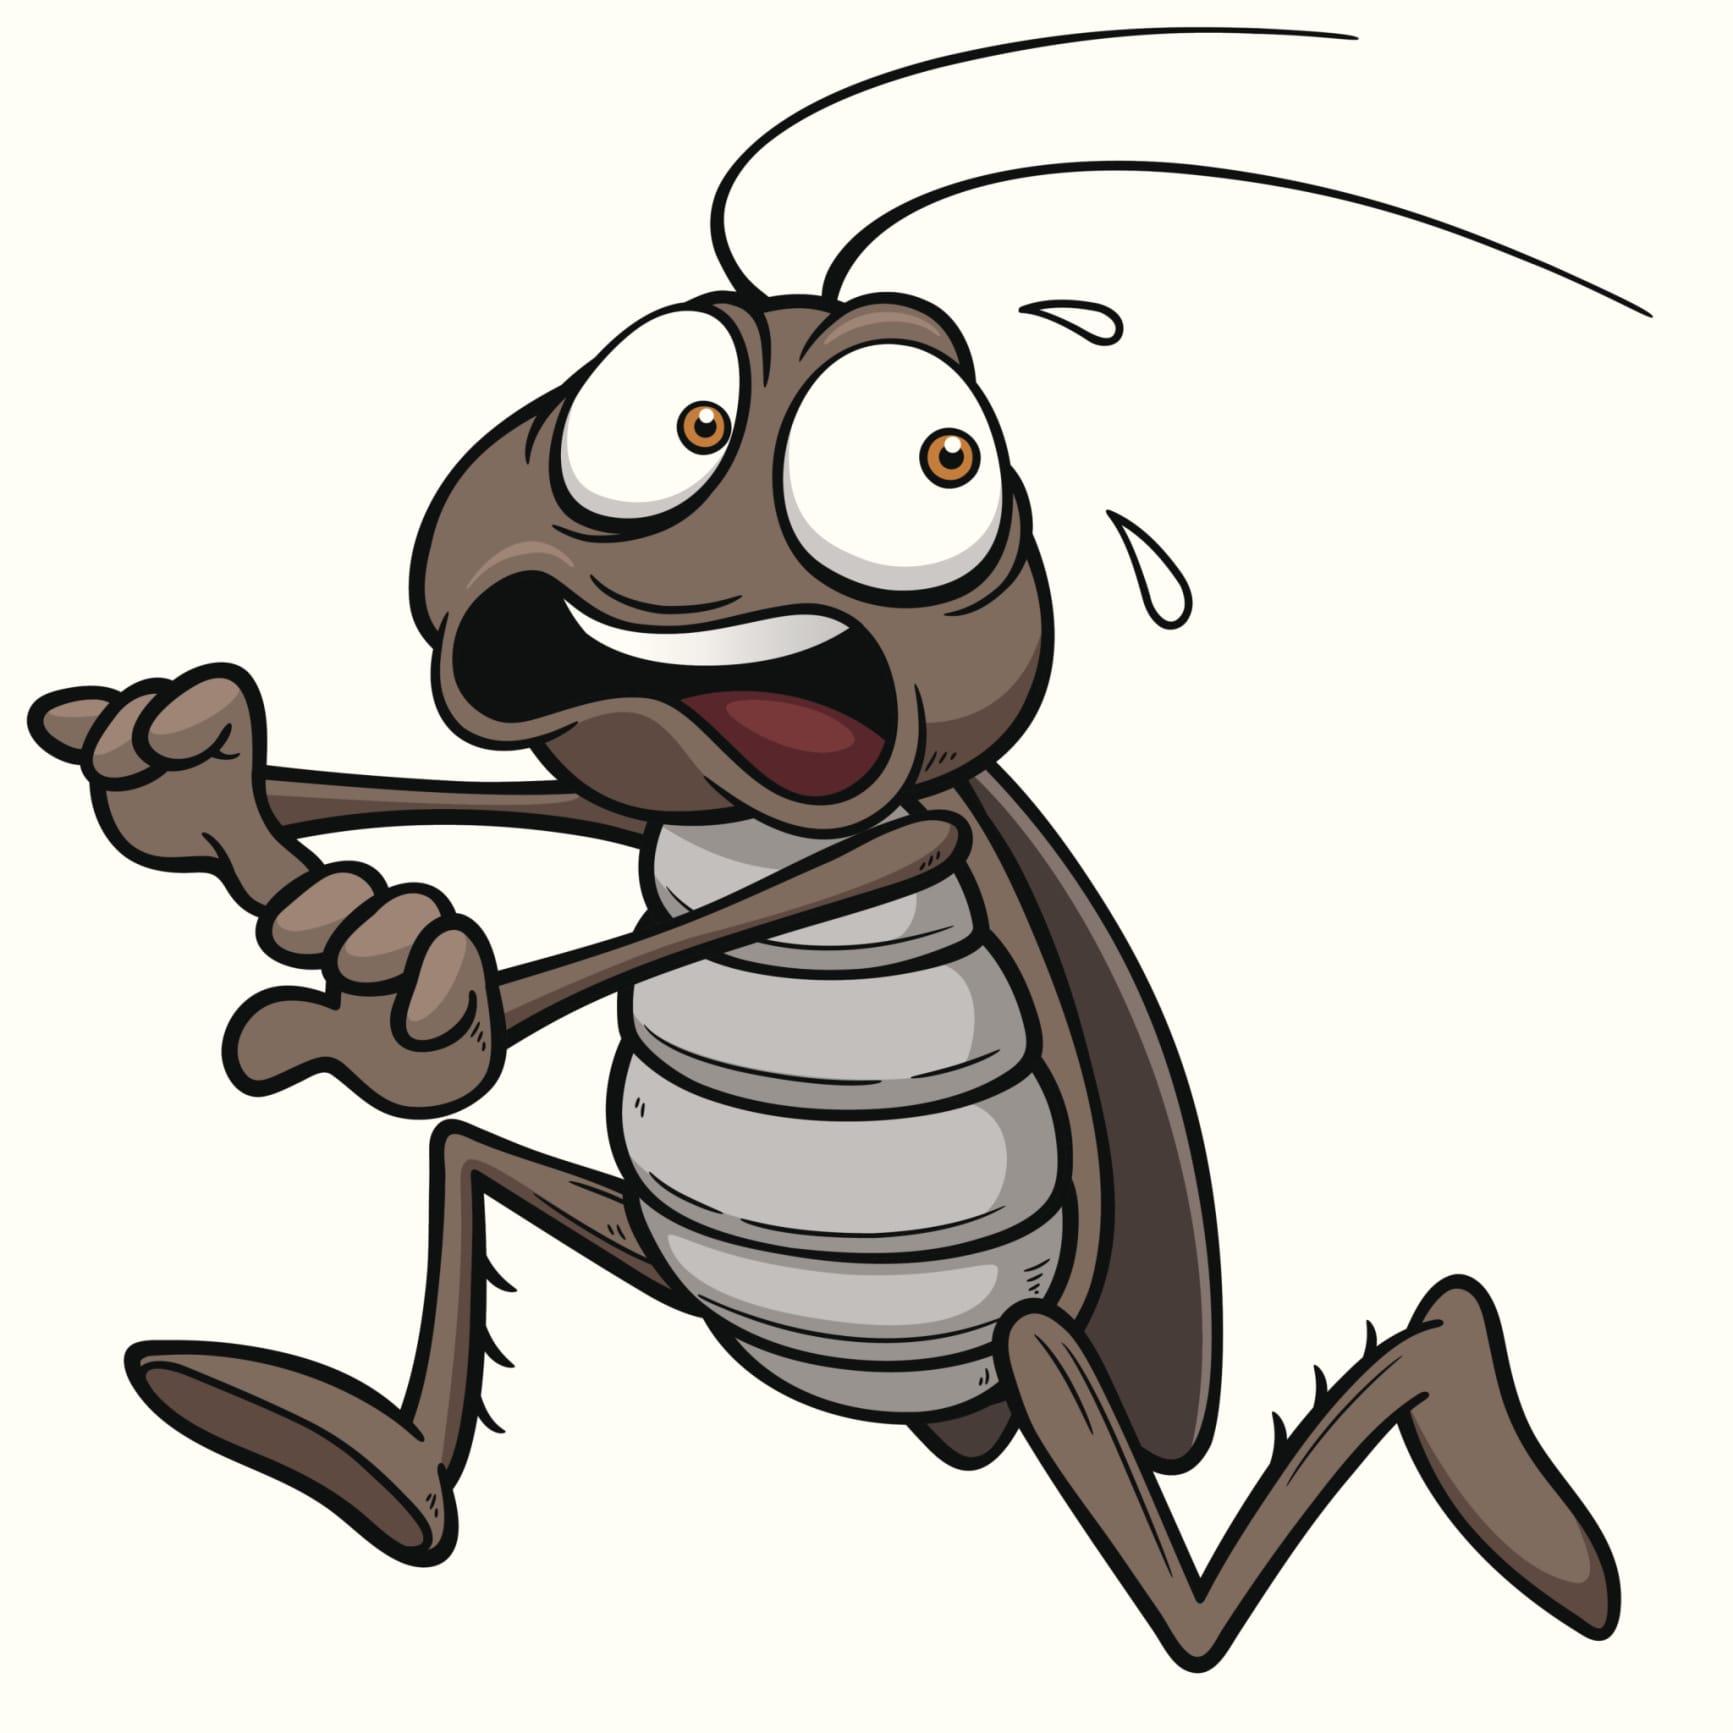 rimedi naturali contro gli scarafaggi in casa - non sprecare - Come Eliminare Gli Scarafaggi In Cucina